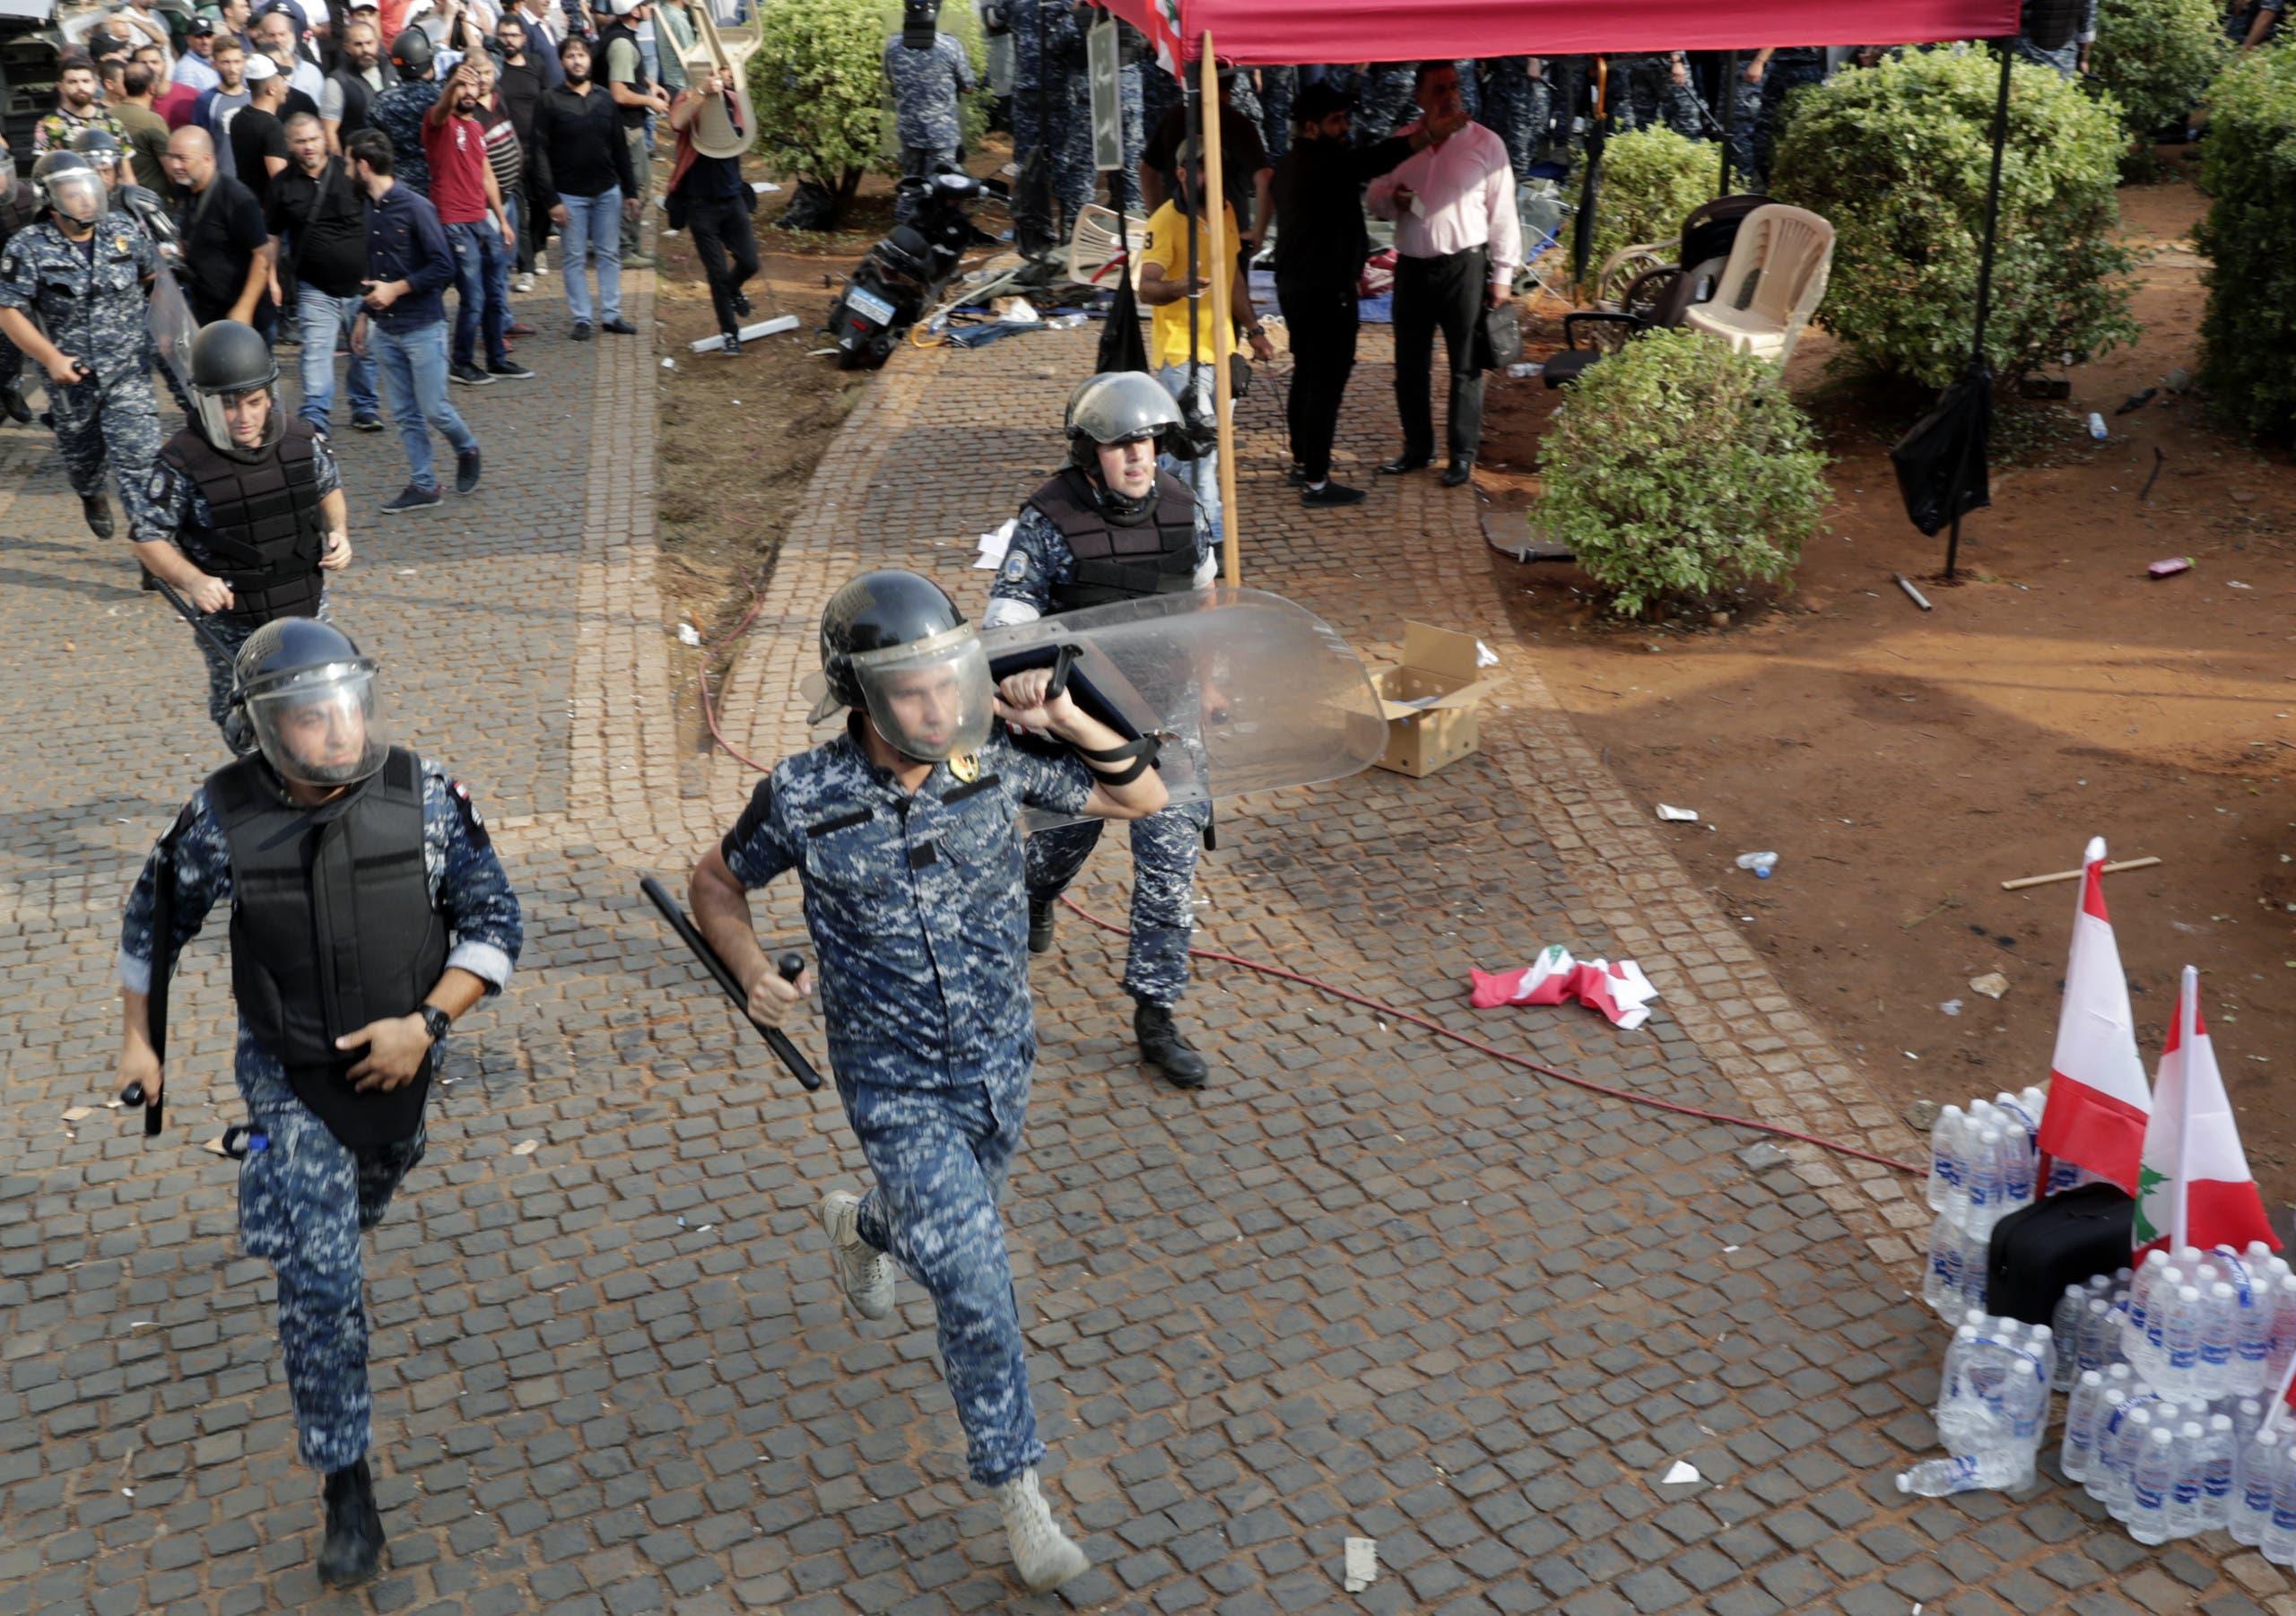 قوات الأمن تلاحق مناصري حزب الله المثيرين للشغب خلال تظاهرات رياض الصلح في بيروت (أرشيفية)